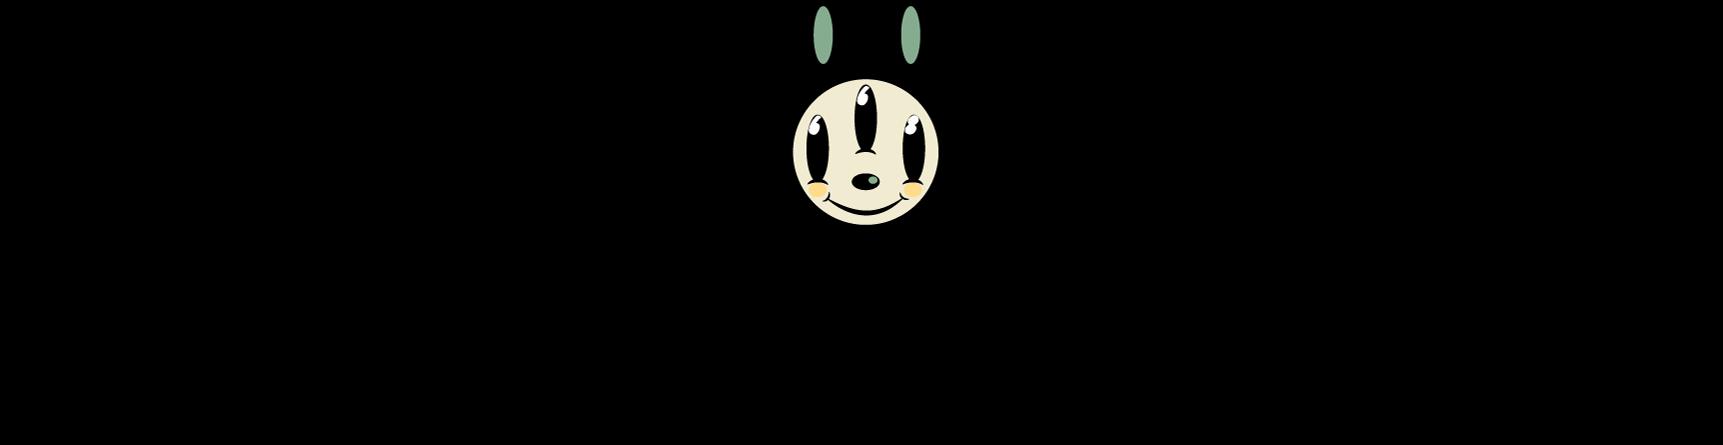 Logo Deathrockstar